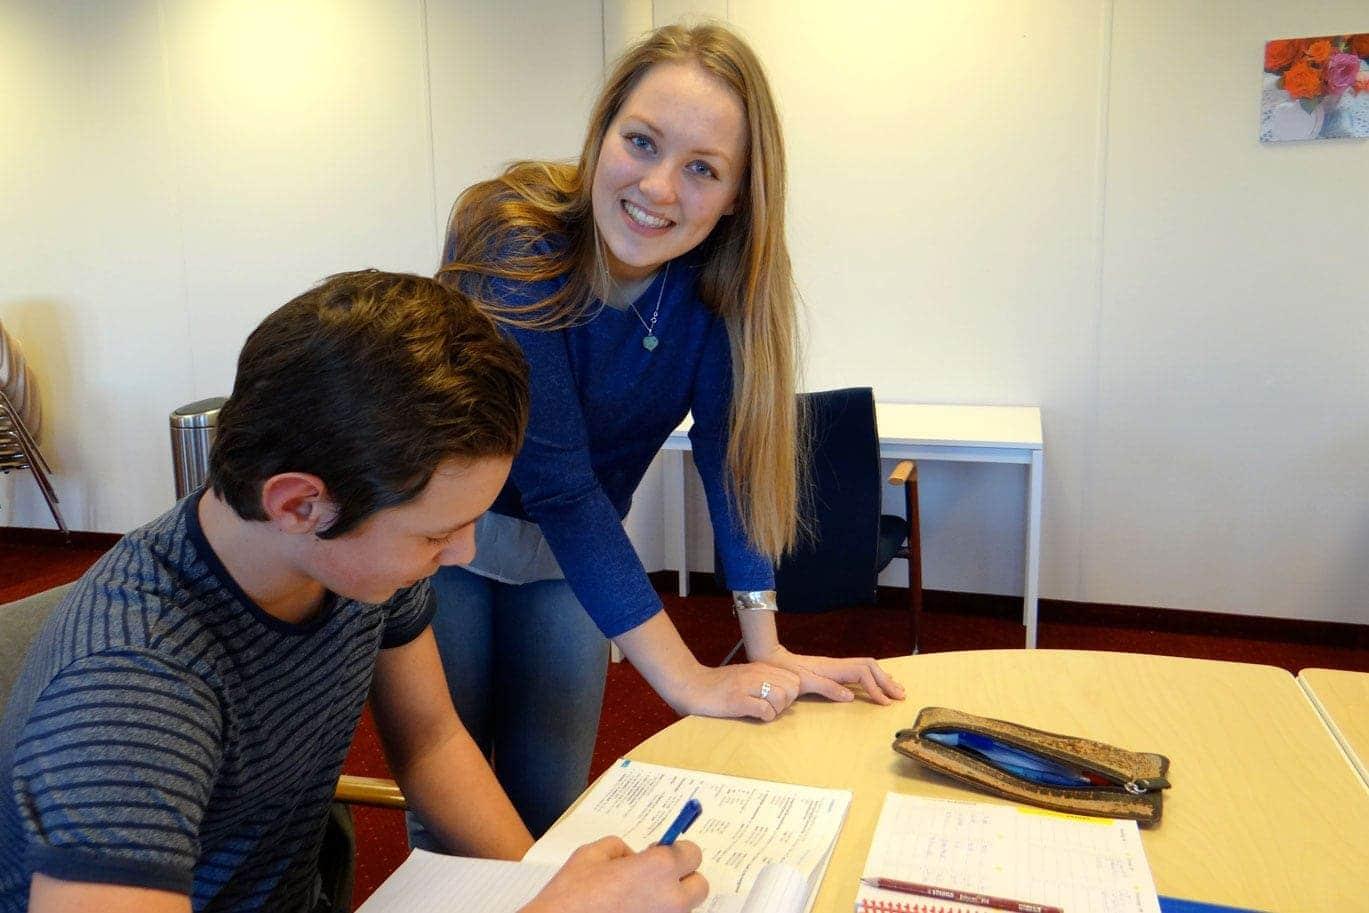 Fenna Huiswerkbegeleiding, Technische vakken, Waalre, omgeving Eindhoven